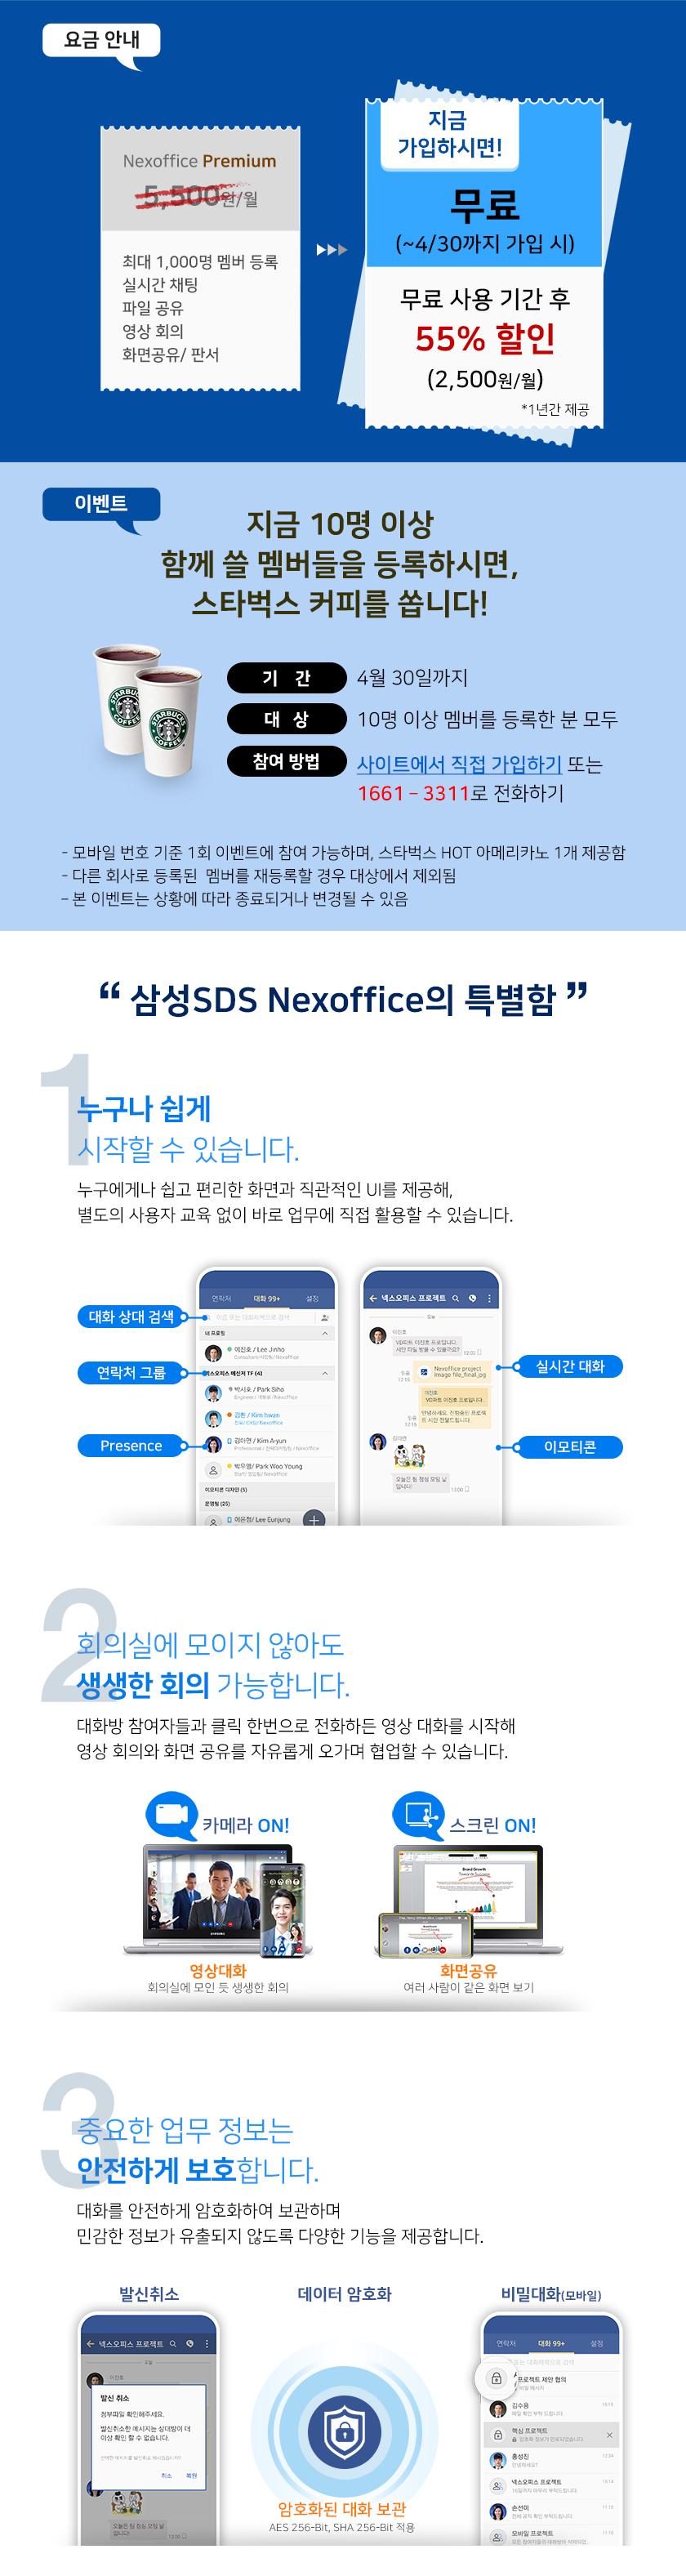 삼성SDS Nexoffice 소개/  삼성SDS Nexoffice 요금 안내  Nexoffice Premium  최대 1000명 멤버 등록, 실시간 채팅, 파일공유, 영상회의. 화면 공유/판서 -> 지금 가입하시면! 무료 (~4/30까지 가입 시) 무료 사용기간 후 55% 할인(2,500원/월) *1년간 제공    이벤트 : 지금 10명 이상 함께 쓸 멤버들을 등록하시면 스타벅스 커피를 쏩니다! 기간 : 4월 30일까지 대상 :10명 이상 멤버를 등록한 분 모두 참여방법 : 사이트에서 직접 가입하기 또는 1661-3311로 전화하기 - 모바일 번호 기준 1회 이벤트에 참여 가능하며, 스타벅스 hot 아메리카노 1개 제공함 - 다른 회사로 등록된 멤버를 재등록할 경우 대사엥서 제외됨 - 본 이벤트는 상황에 따라 종료되거나 변경될 수 있음  '삼성SDS Nexoffice Messenger의 특별함' 1. 누구나 쉽게 시작할 수 있습니다. 누구에게나 쉽고 편리한 화면과 직관적인 UI를 제공해, 별도의 사용자교육없이 바로 업무에 직접 활용할 수 있습니다.  2. 회의실에 모이지 않아도 생생한 회의 가능합니다. 대화방 참여자들과 클릭 한번으로 전화하든 영상되하를 시작해 영상 회의와 화면 공유를 자유롭게 오가며 협업할 수 있습니다.  3. 중요한 업무 정보는 안전하게 보호합니다. 대화를 안전하게 암호화하여 보관하며 민감한 정보가 유출되지 않도록 다양한 기능을 제공합니다.